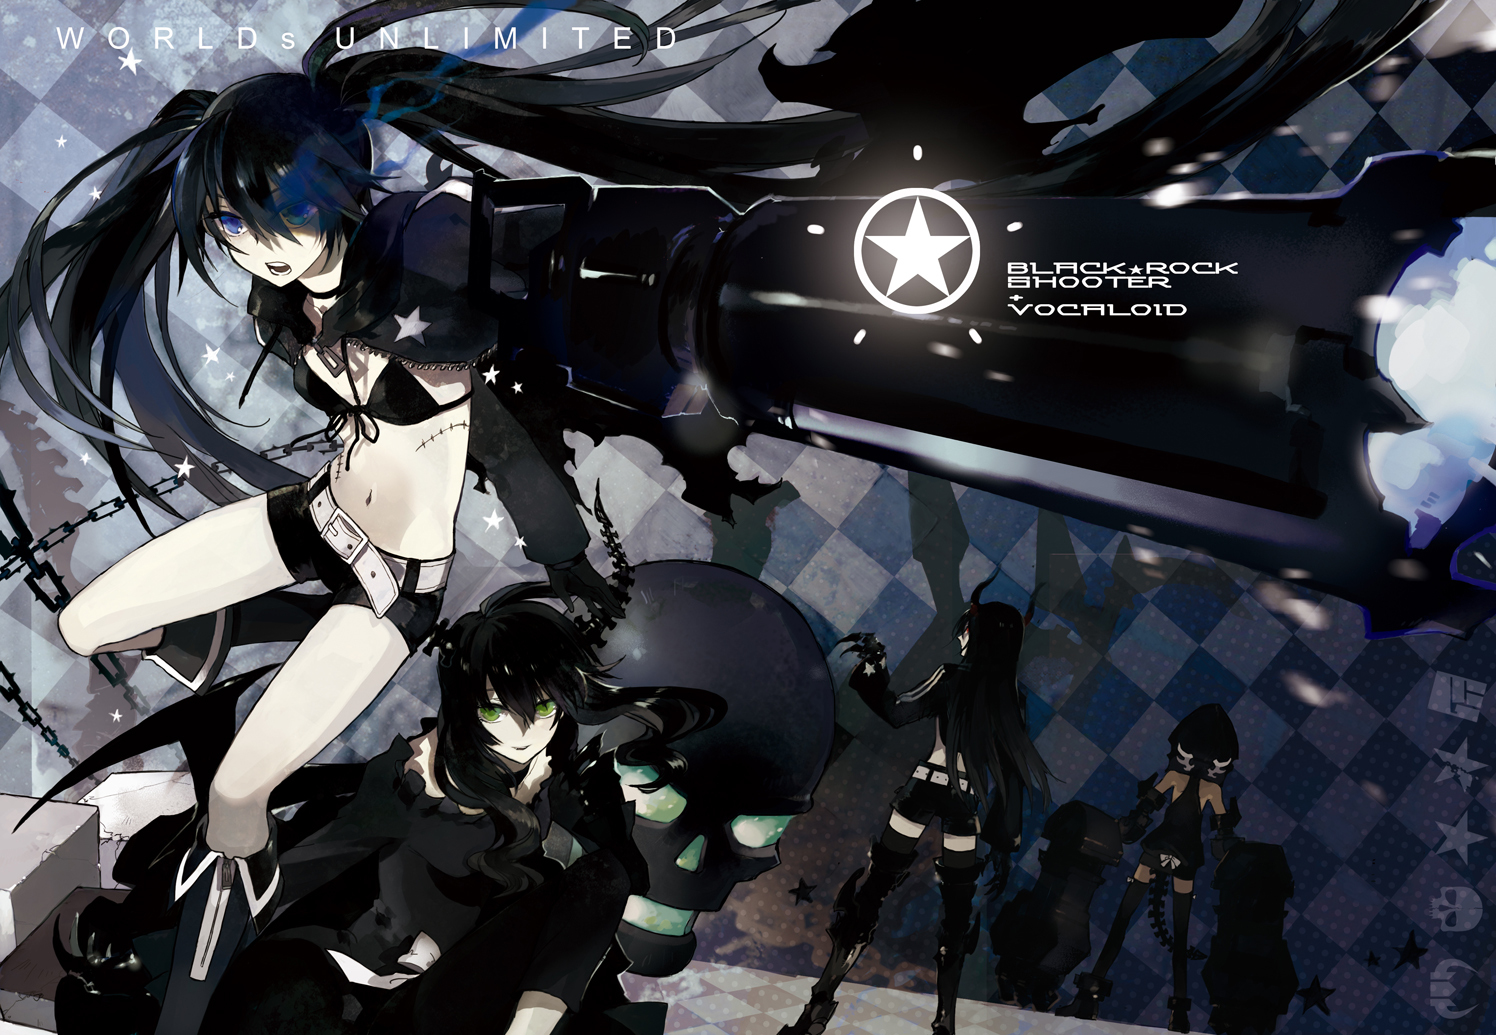 black_rock_shooter chain gun irino_saya koutari_yuu kuroi_mato skull starshadowmagician takanashi_yomi weapon